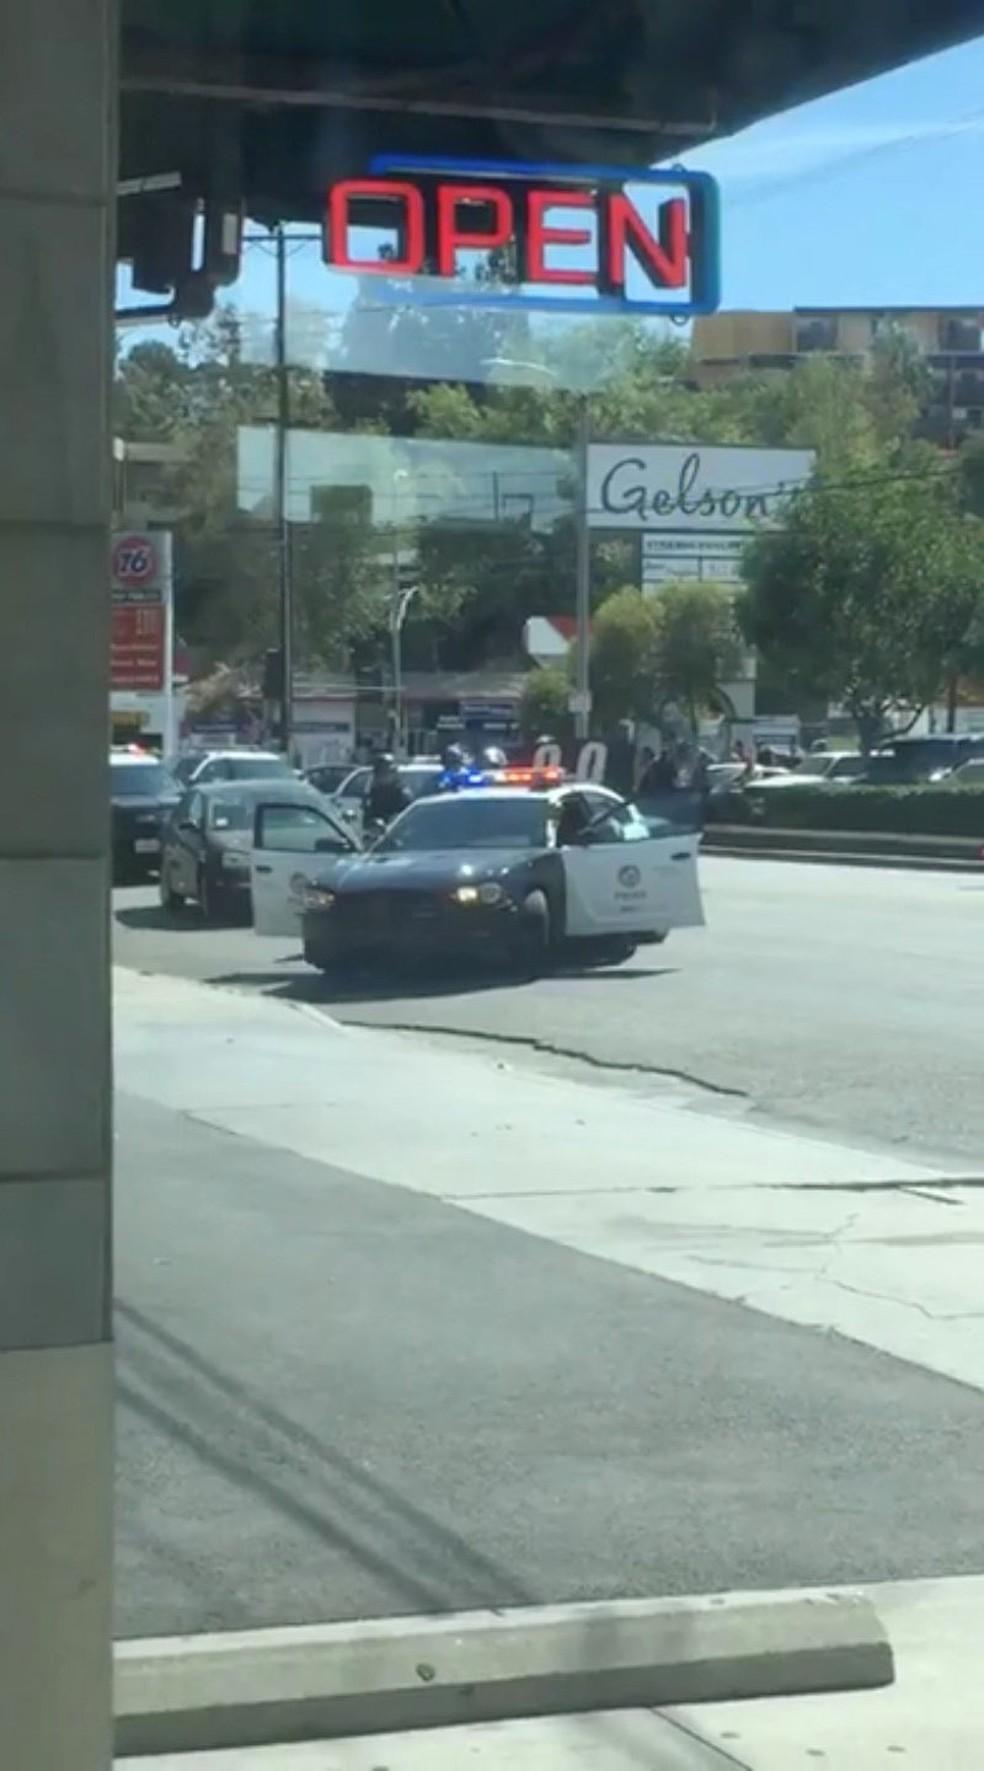 Policiais fecham o cerco a mercado onde homem armados fez reféns, em Los Angeles (Foto: @Lorisqueen/via REUTERS)